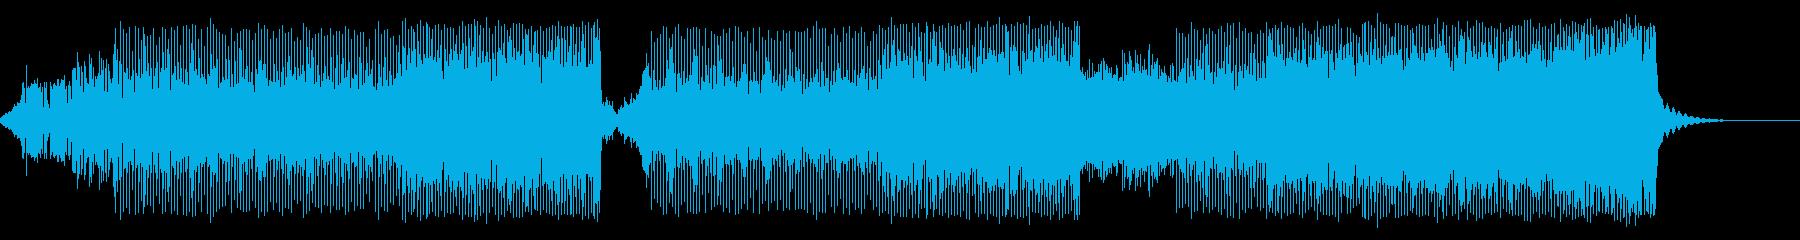 シンセが印象的なディスコサウンドの再生済みの波形